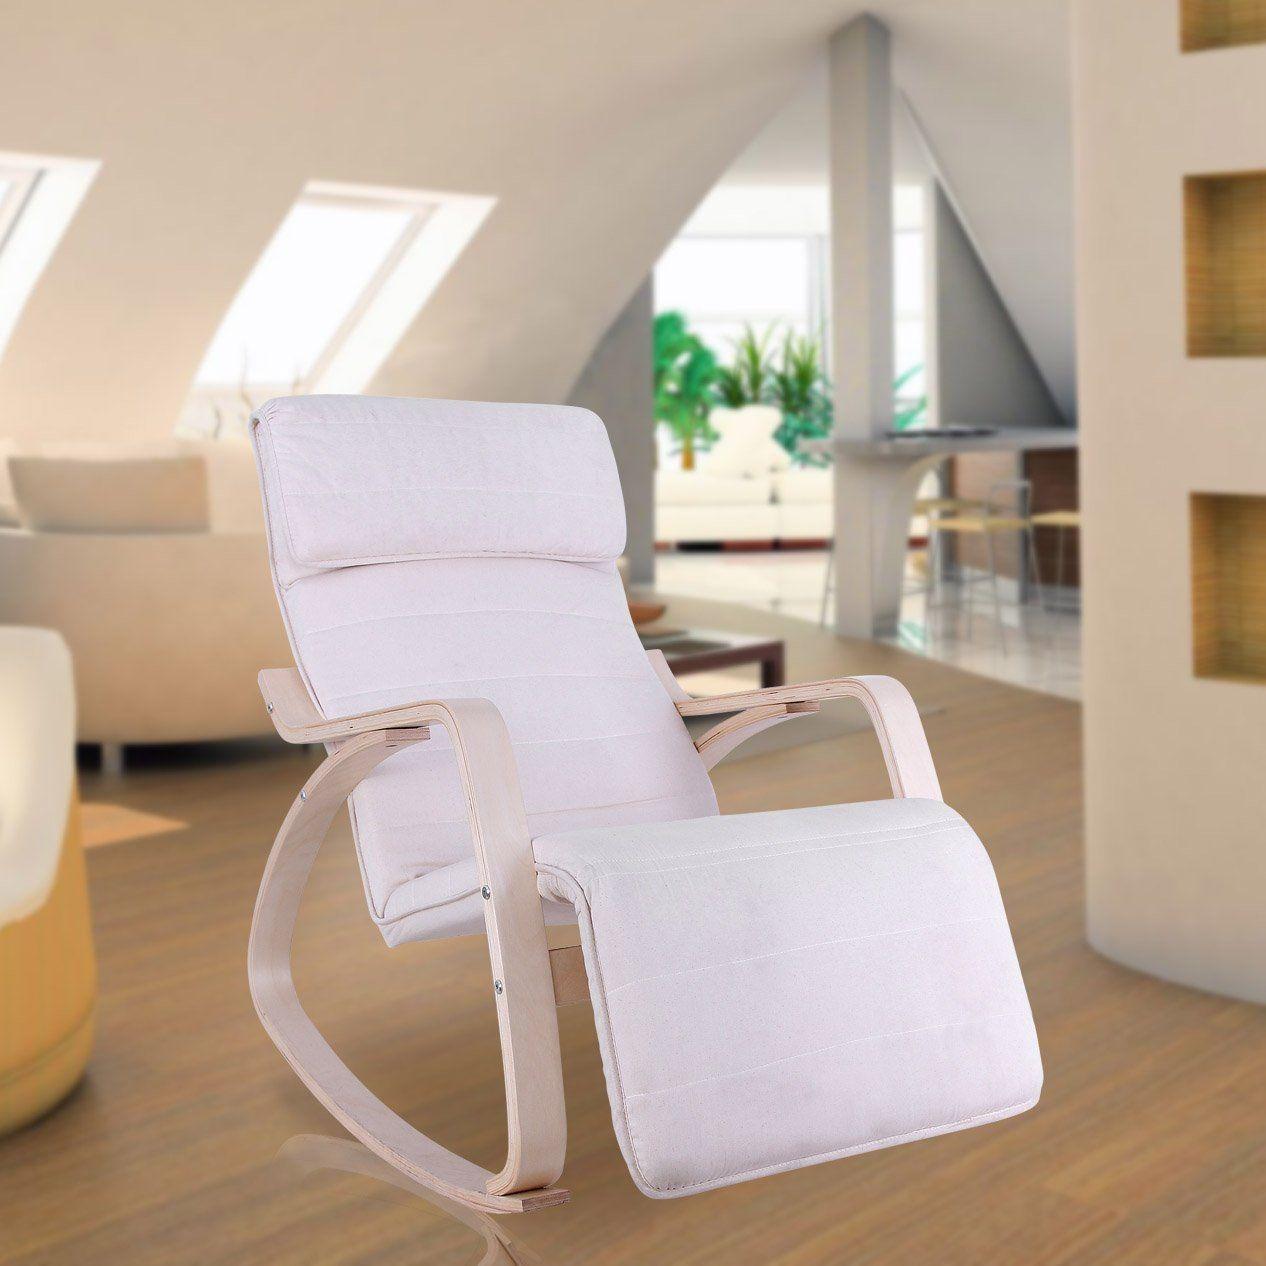 schaukelstuhl test 2018 die besten 10 schaukelst hle im. Black Bedroom Furniture Sets. Home Design Ideas